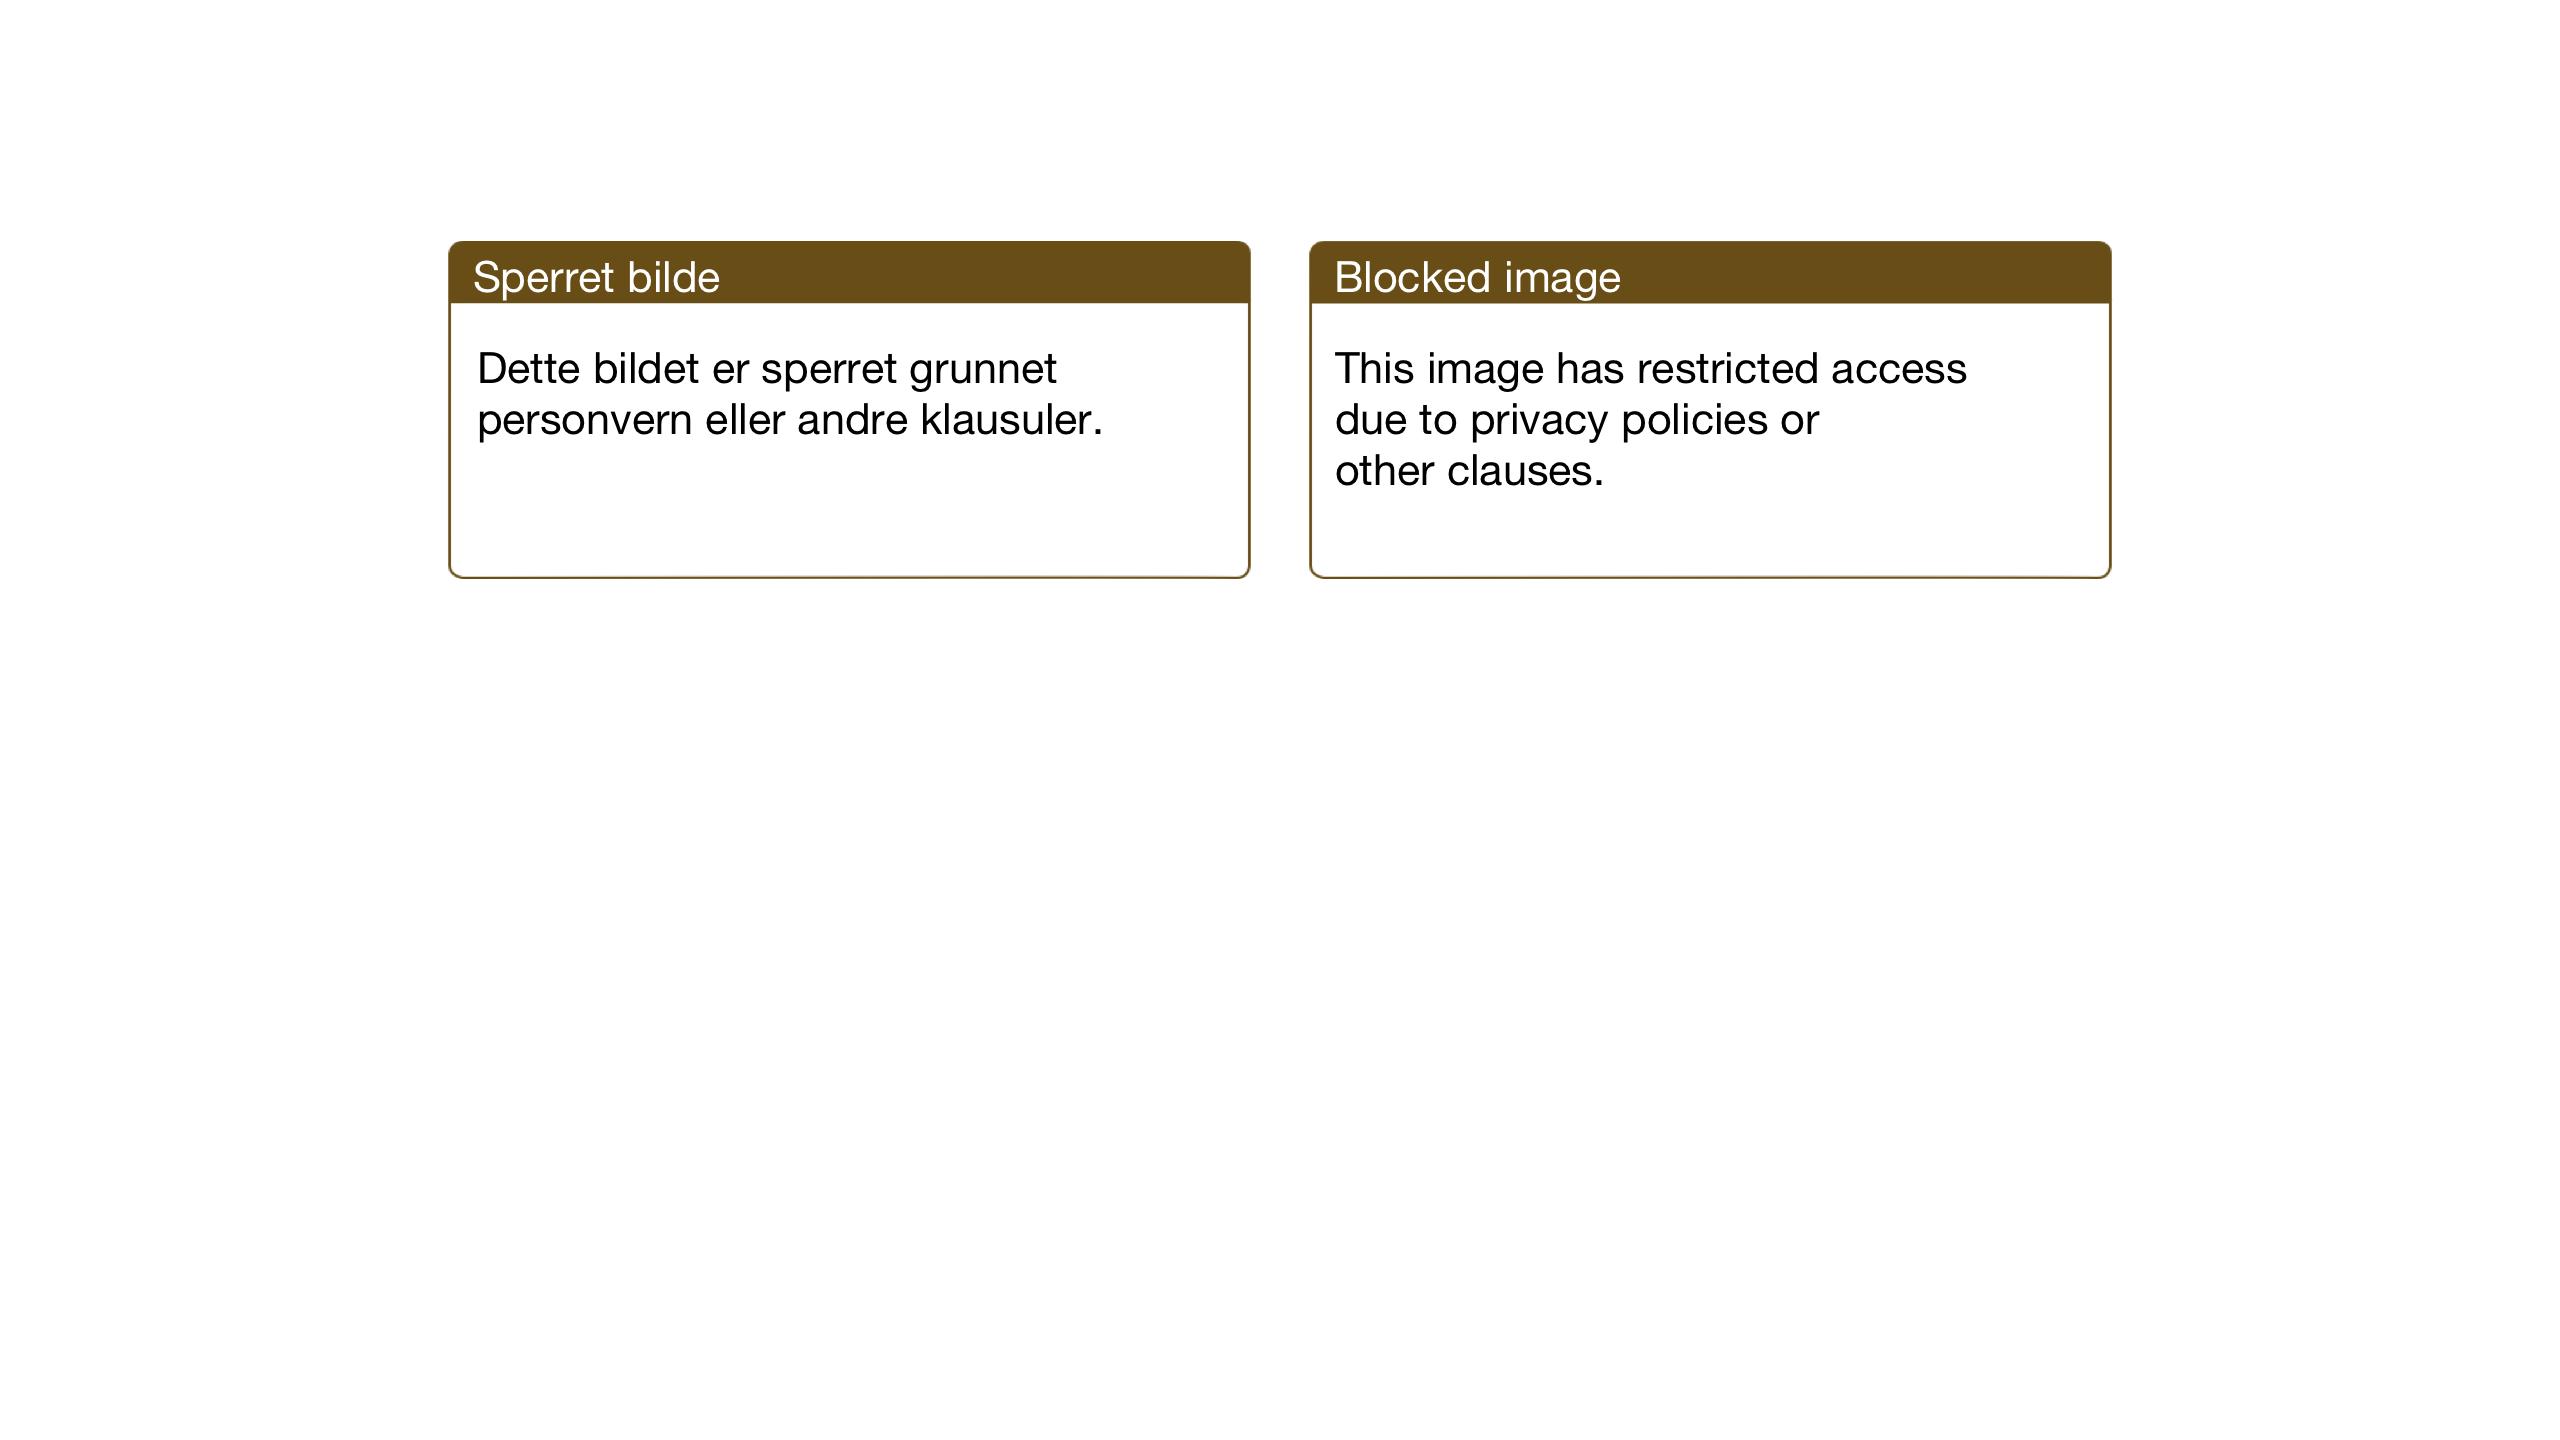 SAT, Ministerialprotokoller, klokkerbøker og fødselsregistre - Sør-Trøndelag, 606/L0314: Klokkerbok nr. 606C10, 1911-1937, s. 102